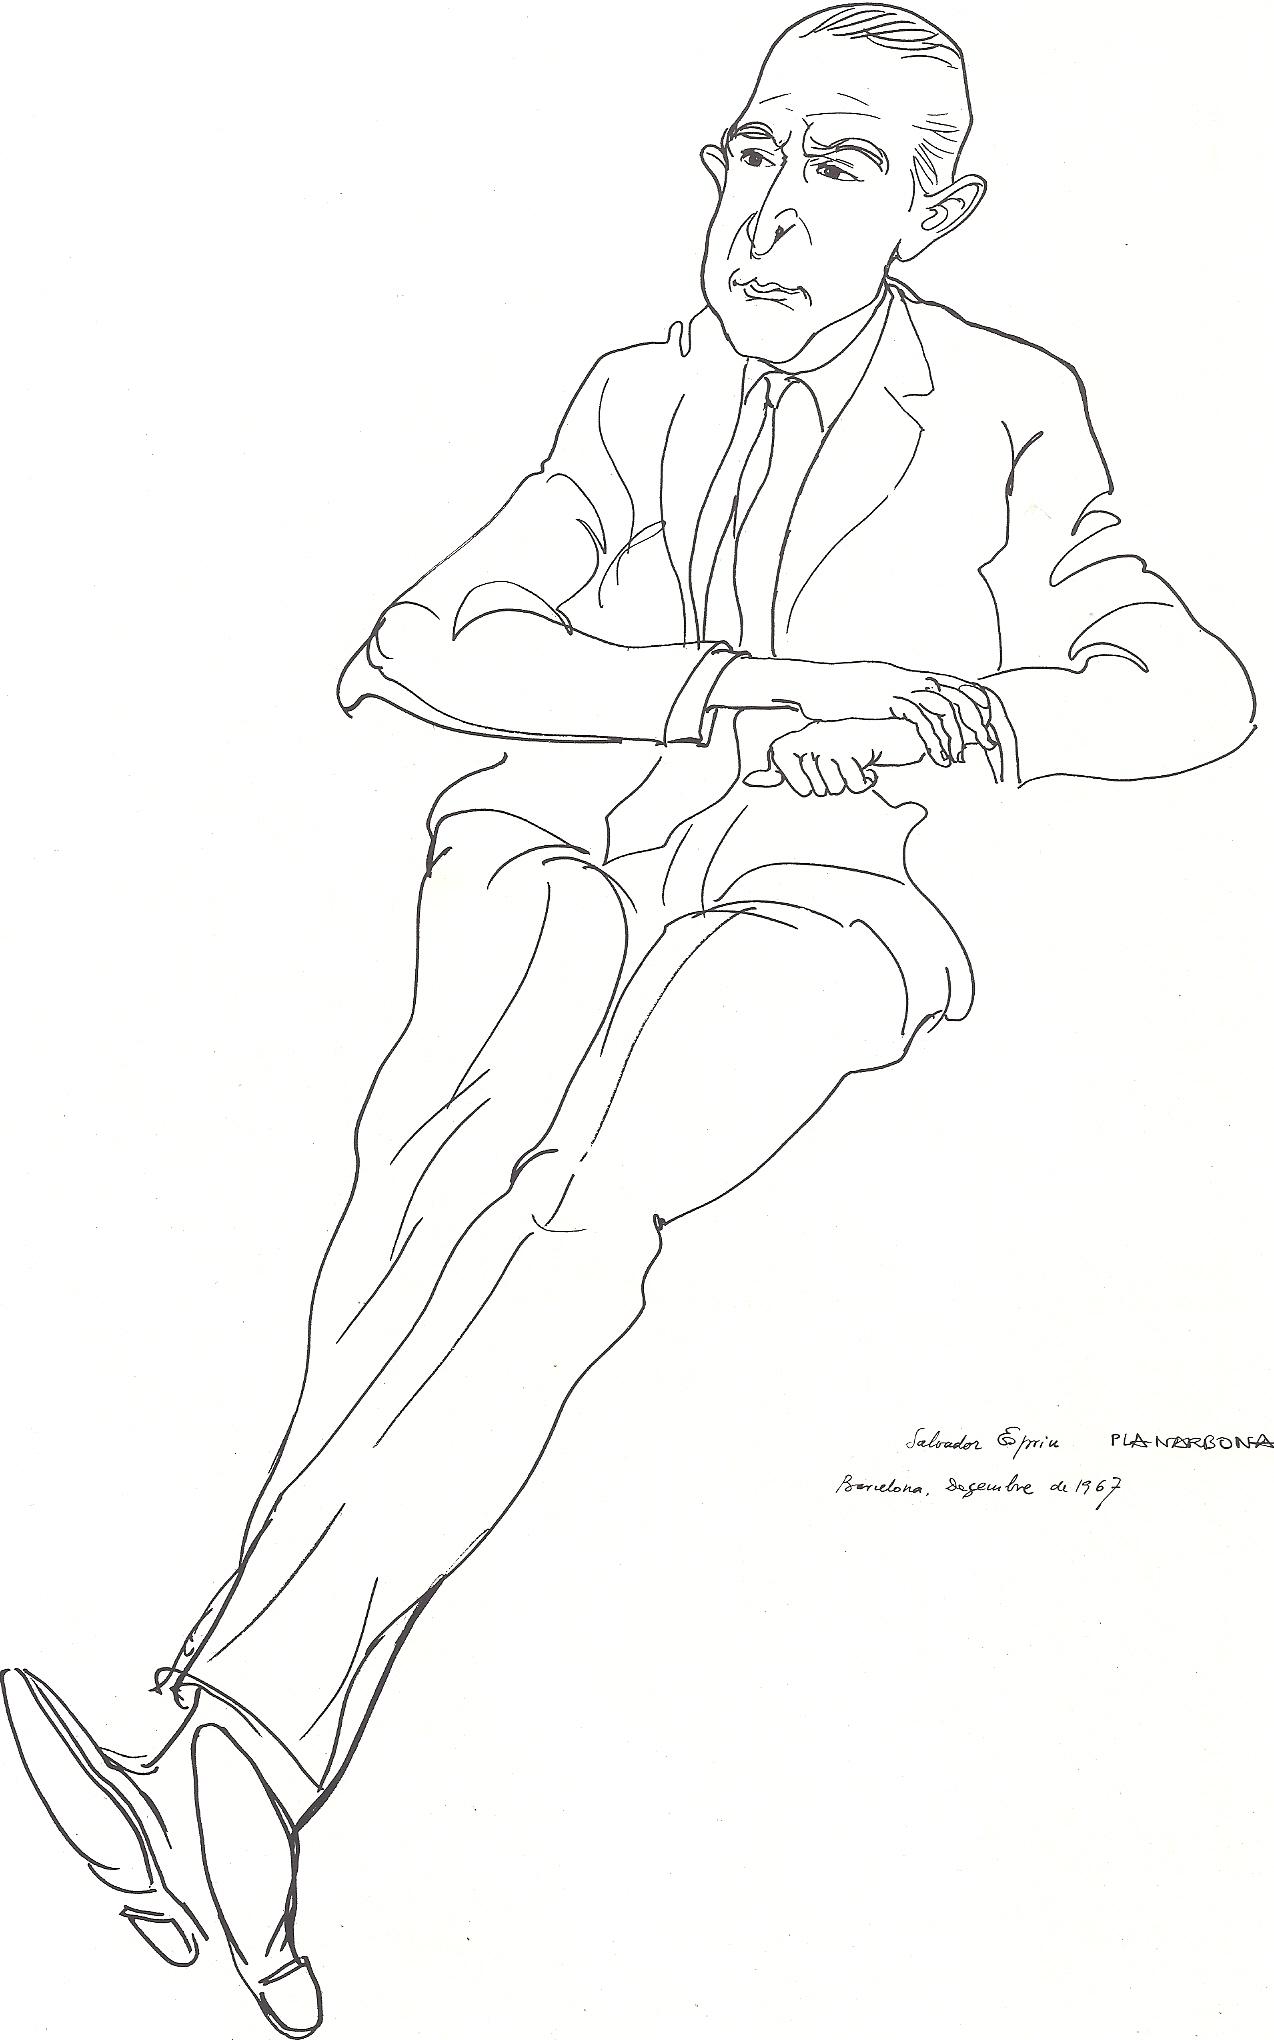 Retrato del autor, por Josep Pla-Narbona